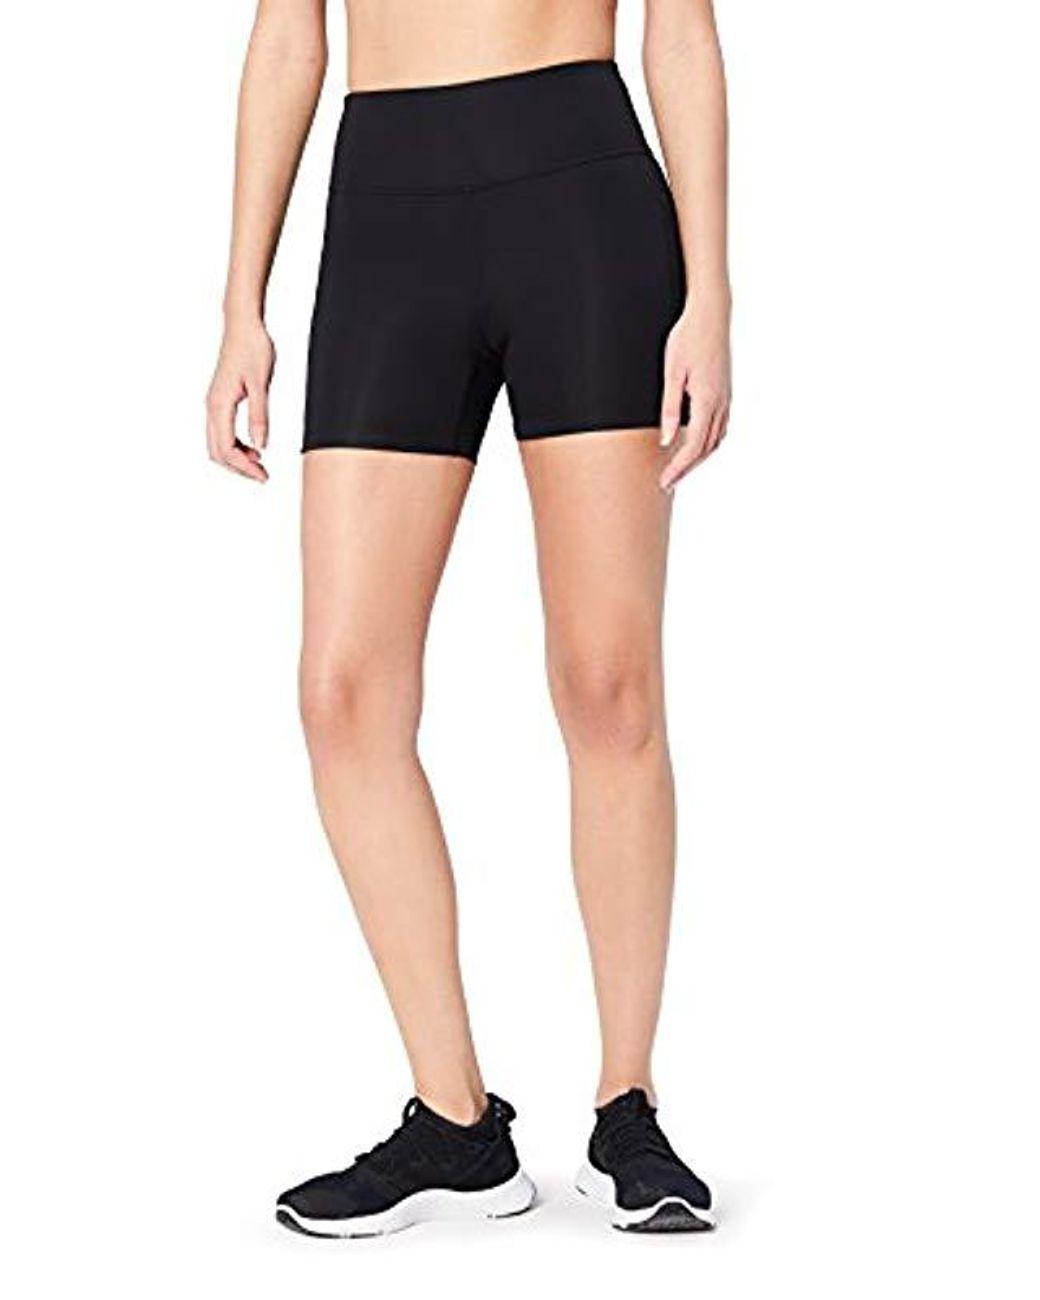 XS-3X All Day Comfort High Waist Short 5 Core 10  Brand Womens